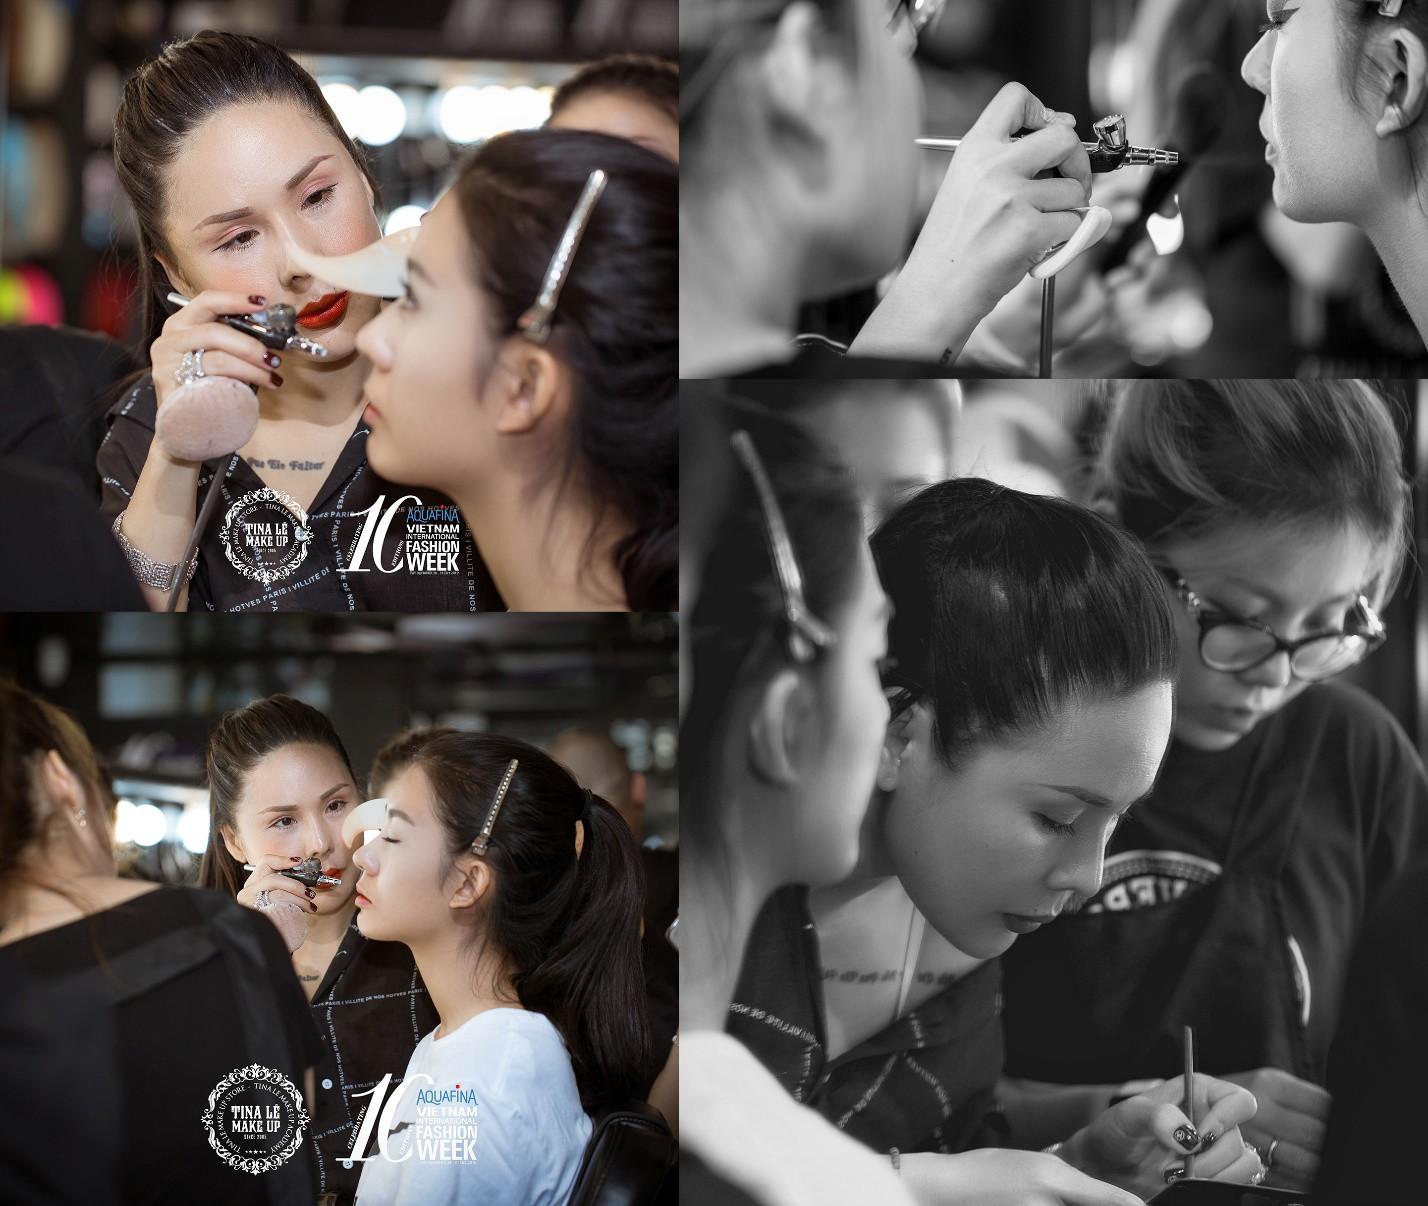 Công tác chuẩn bị của Tina Le make up trước thềm Aquafina Tuần lễ Thời trang Quốc tế Việt Nam - Ảnh 2.